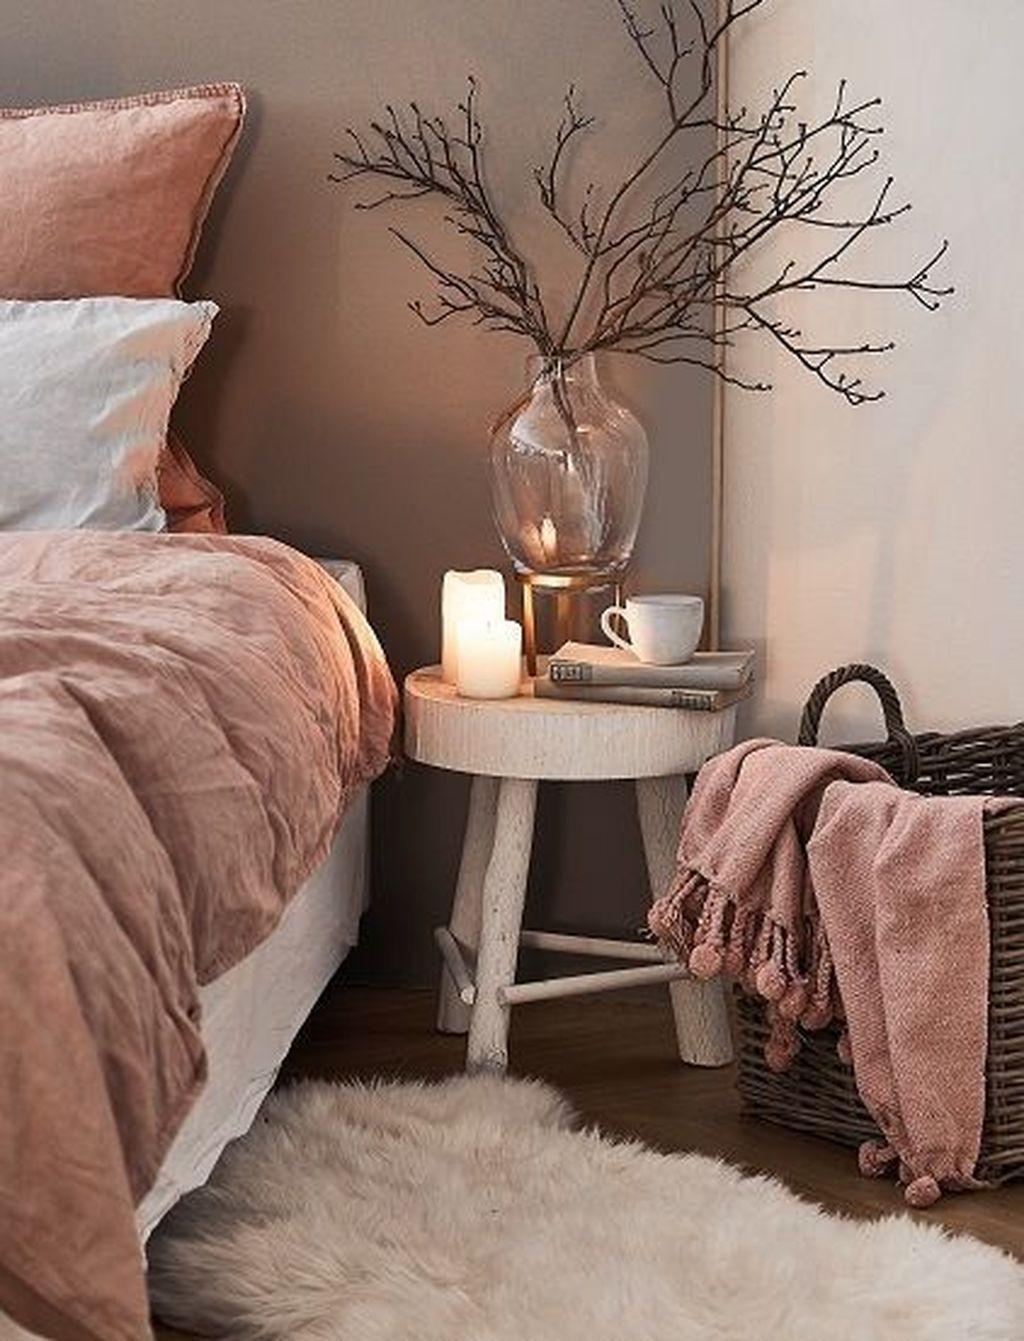 47 Brilliant Scandinavian Bedroom Design Ideas images